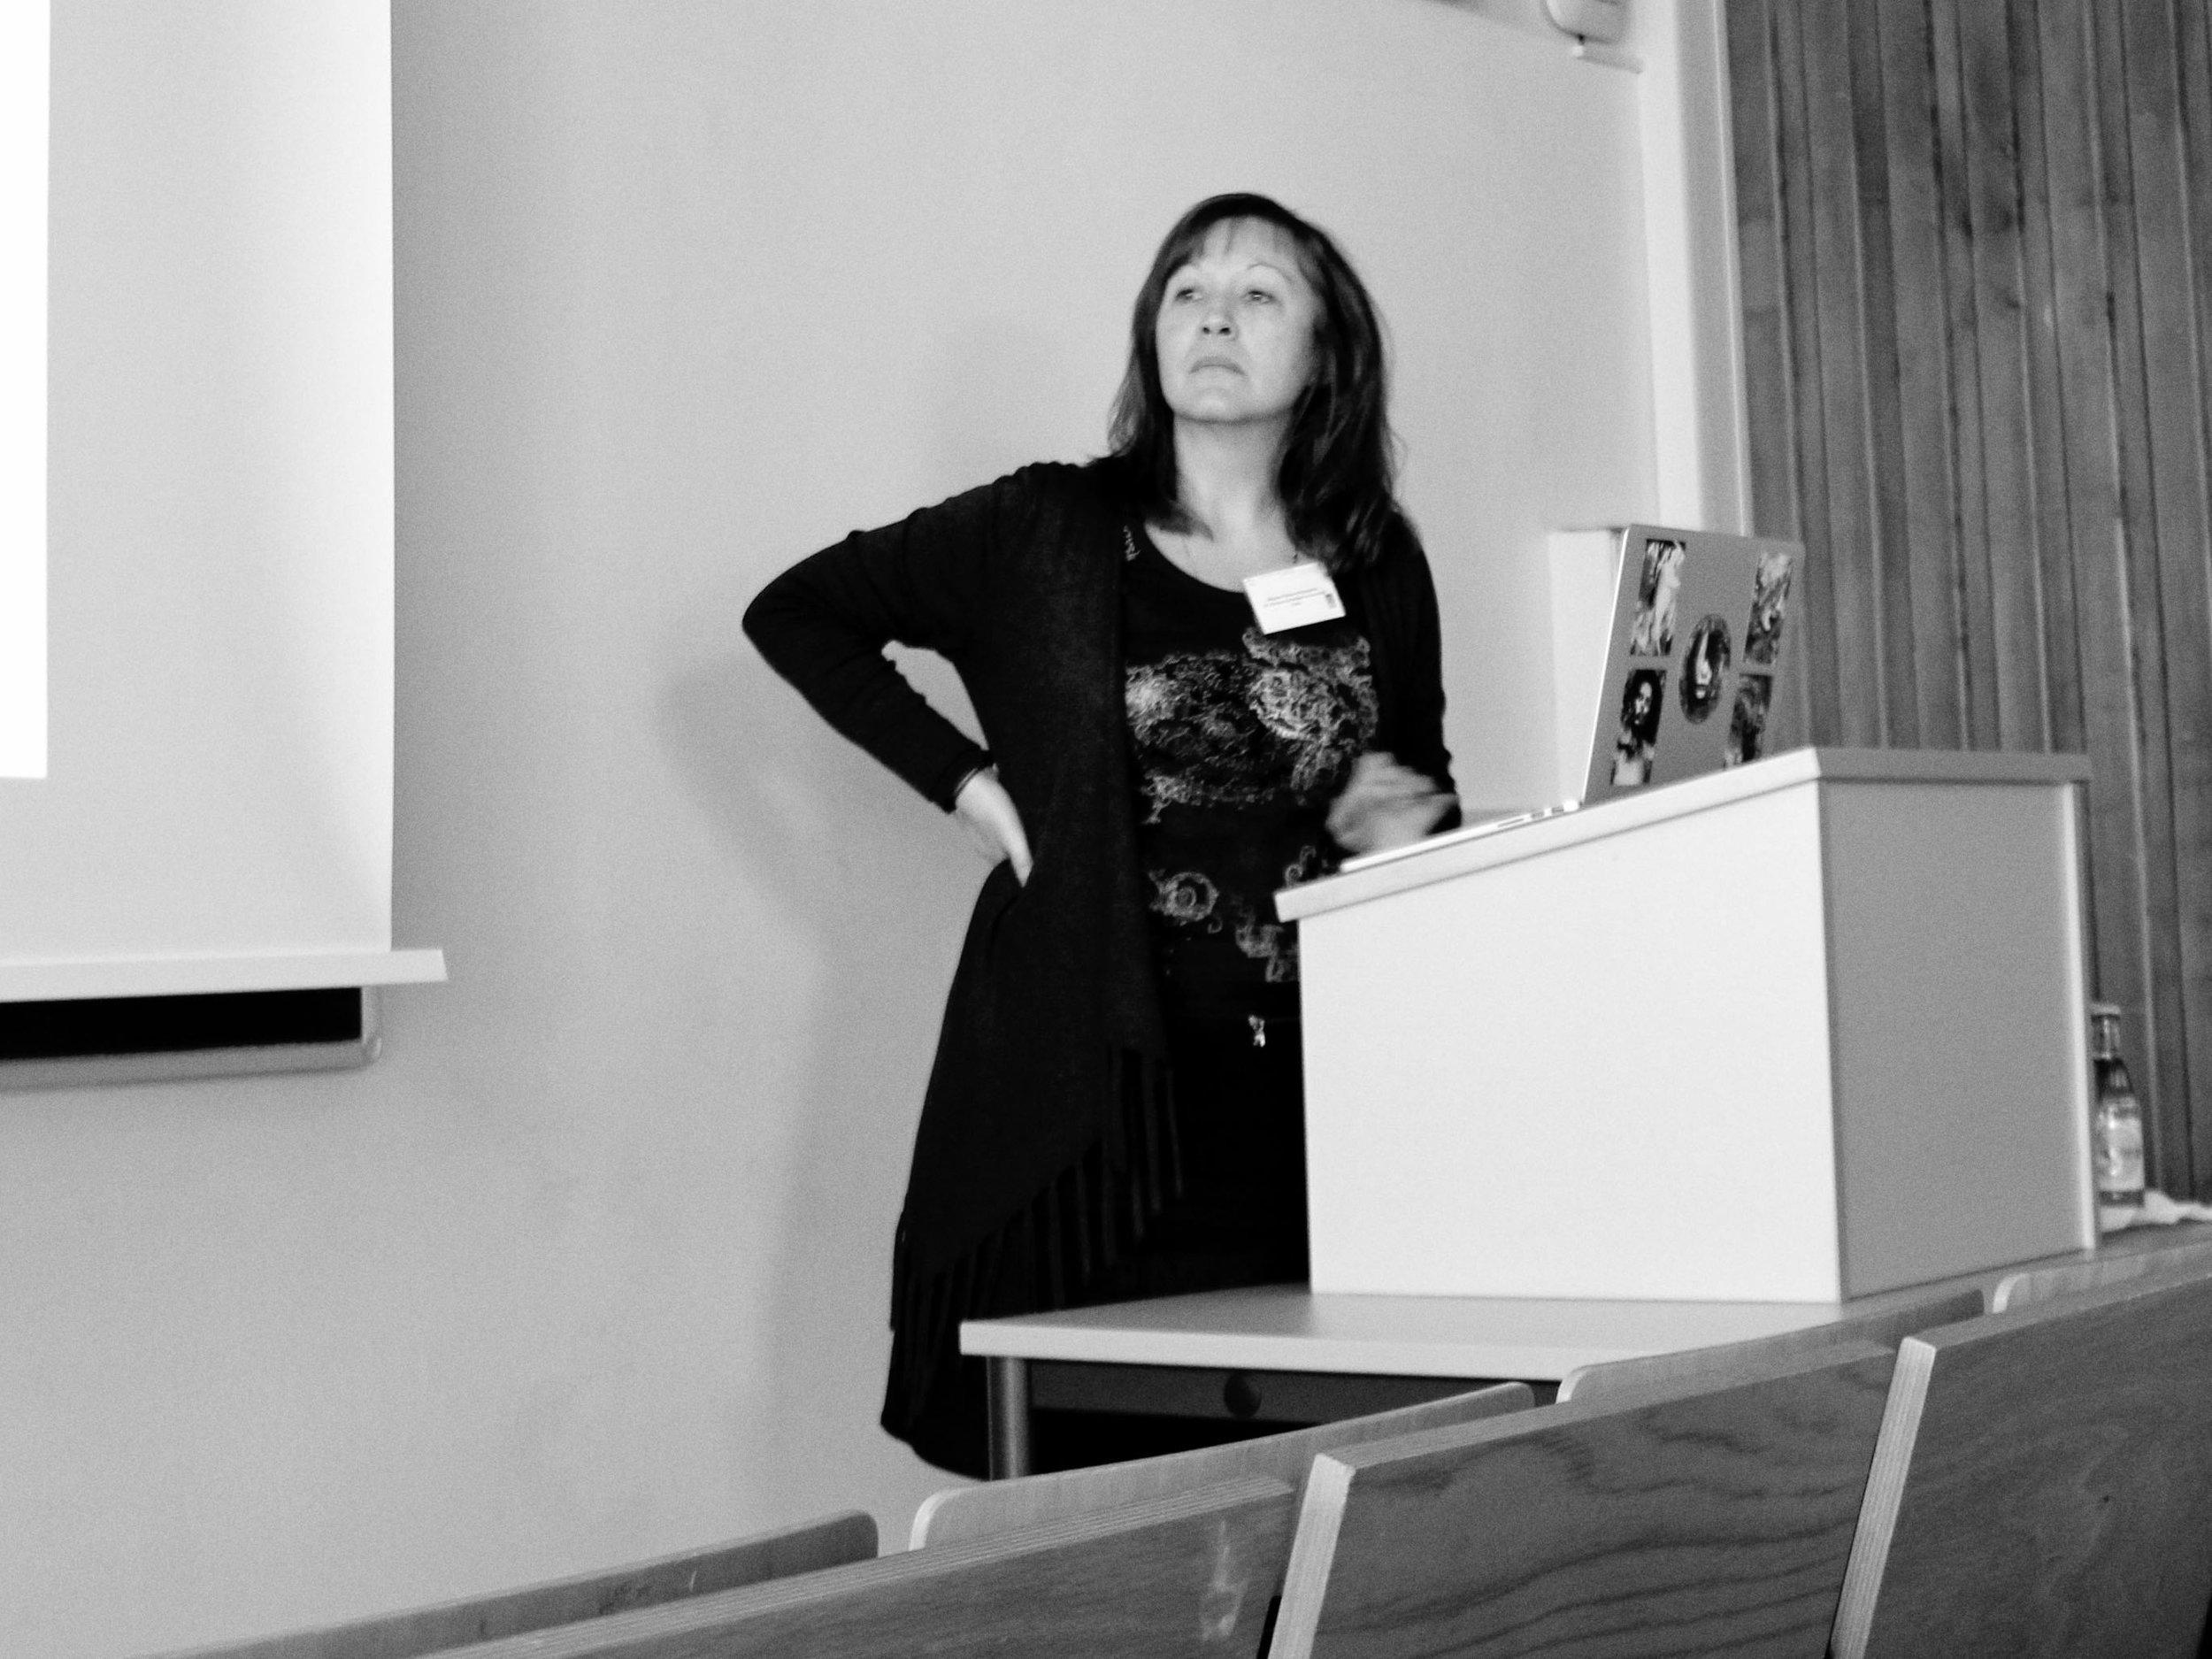 Mikaela Petkova-Kessanlis